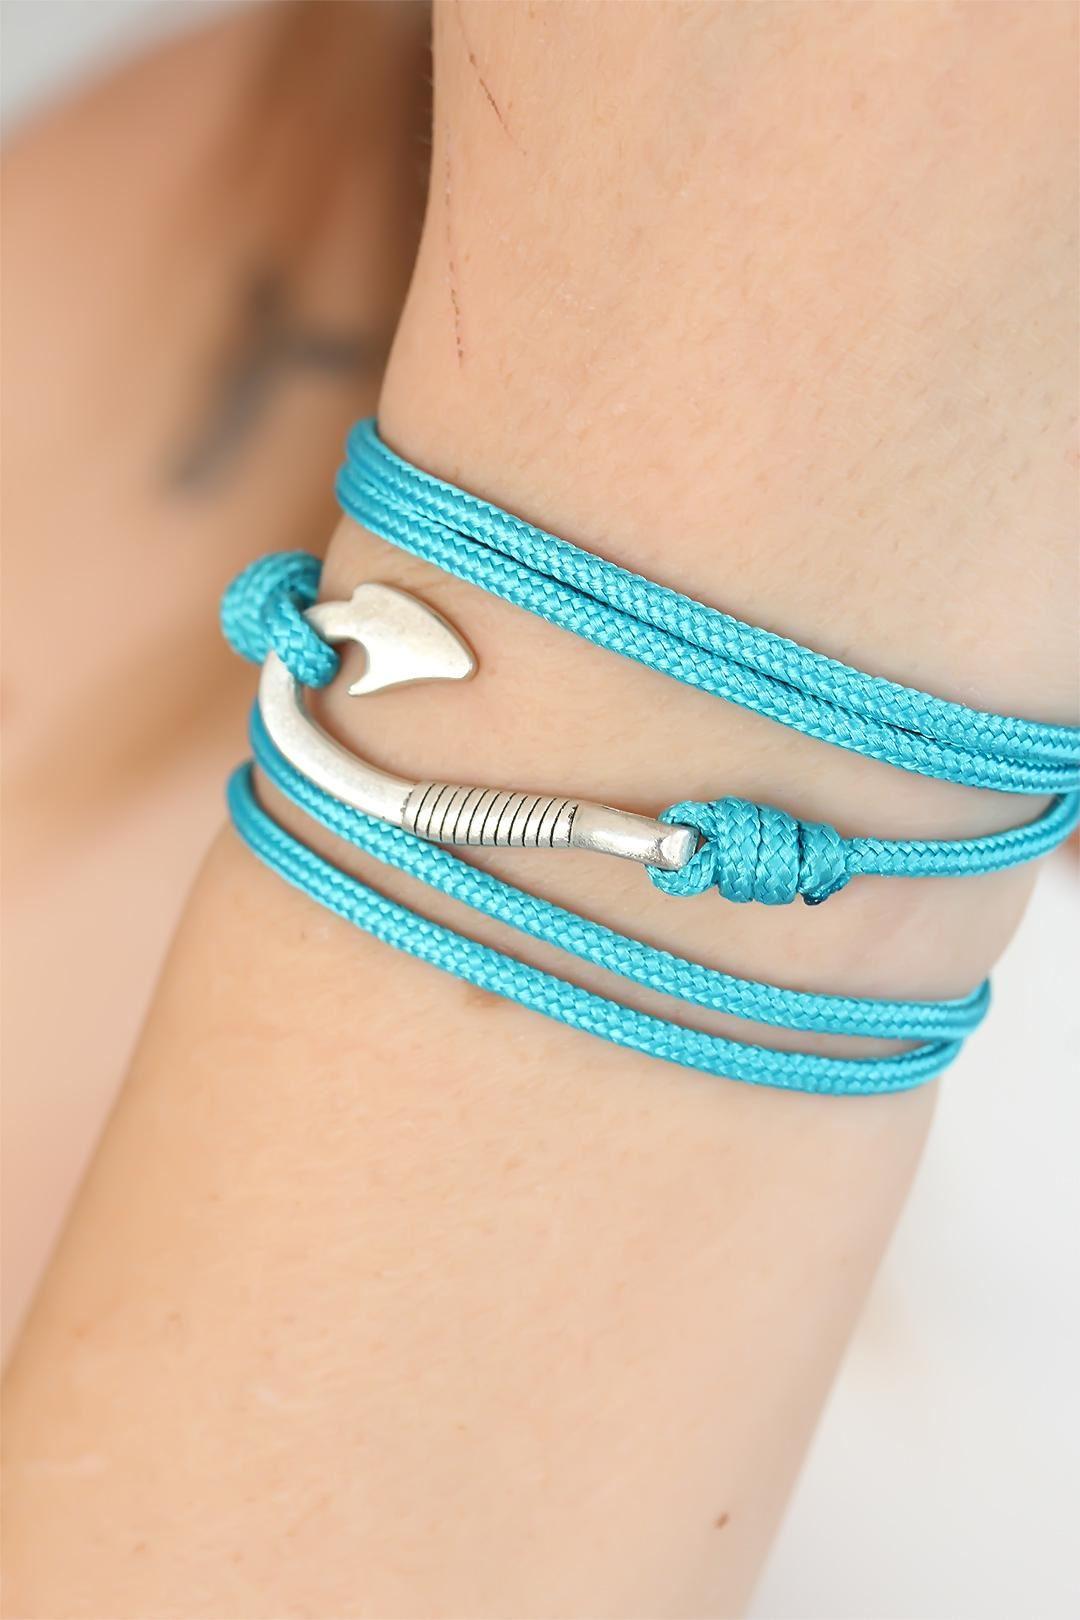 Mavi Renk Gümüş Metal Kancalı Bayan Çoklu Bileklik